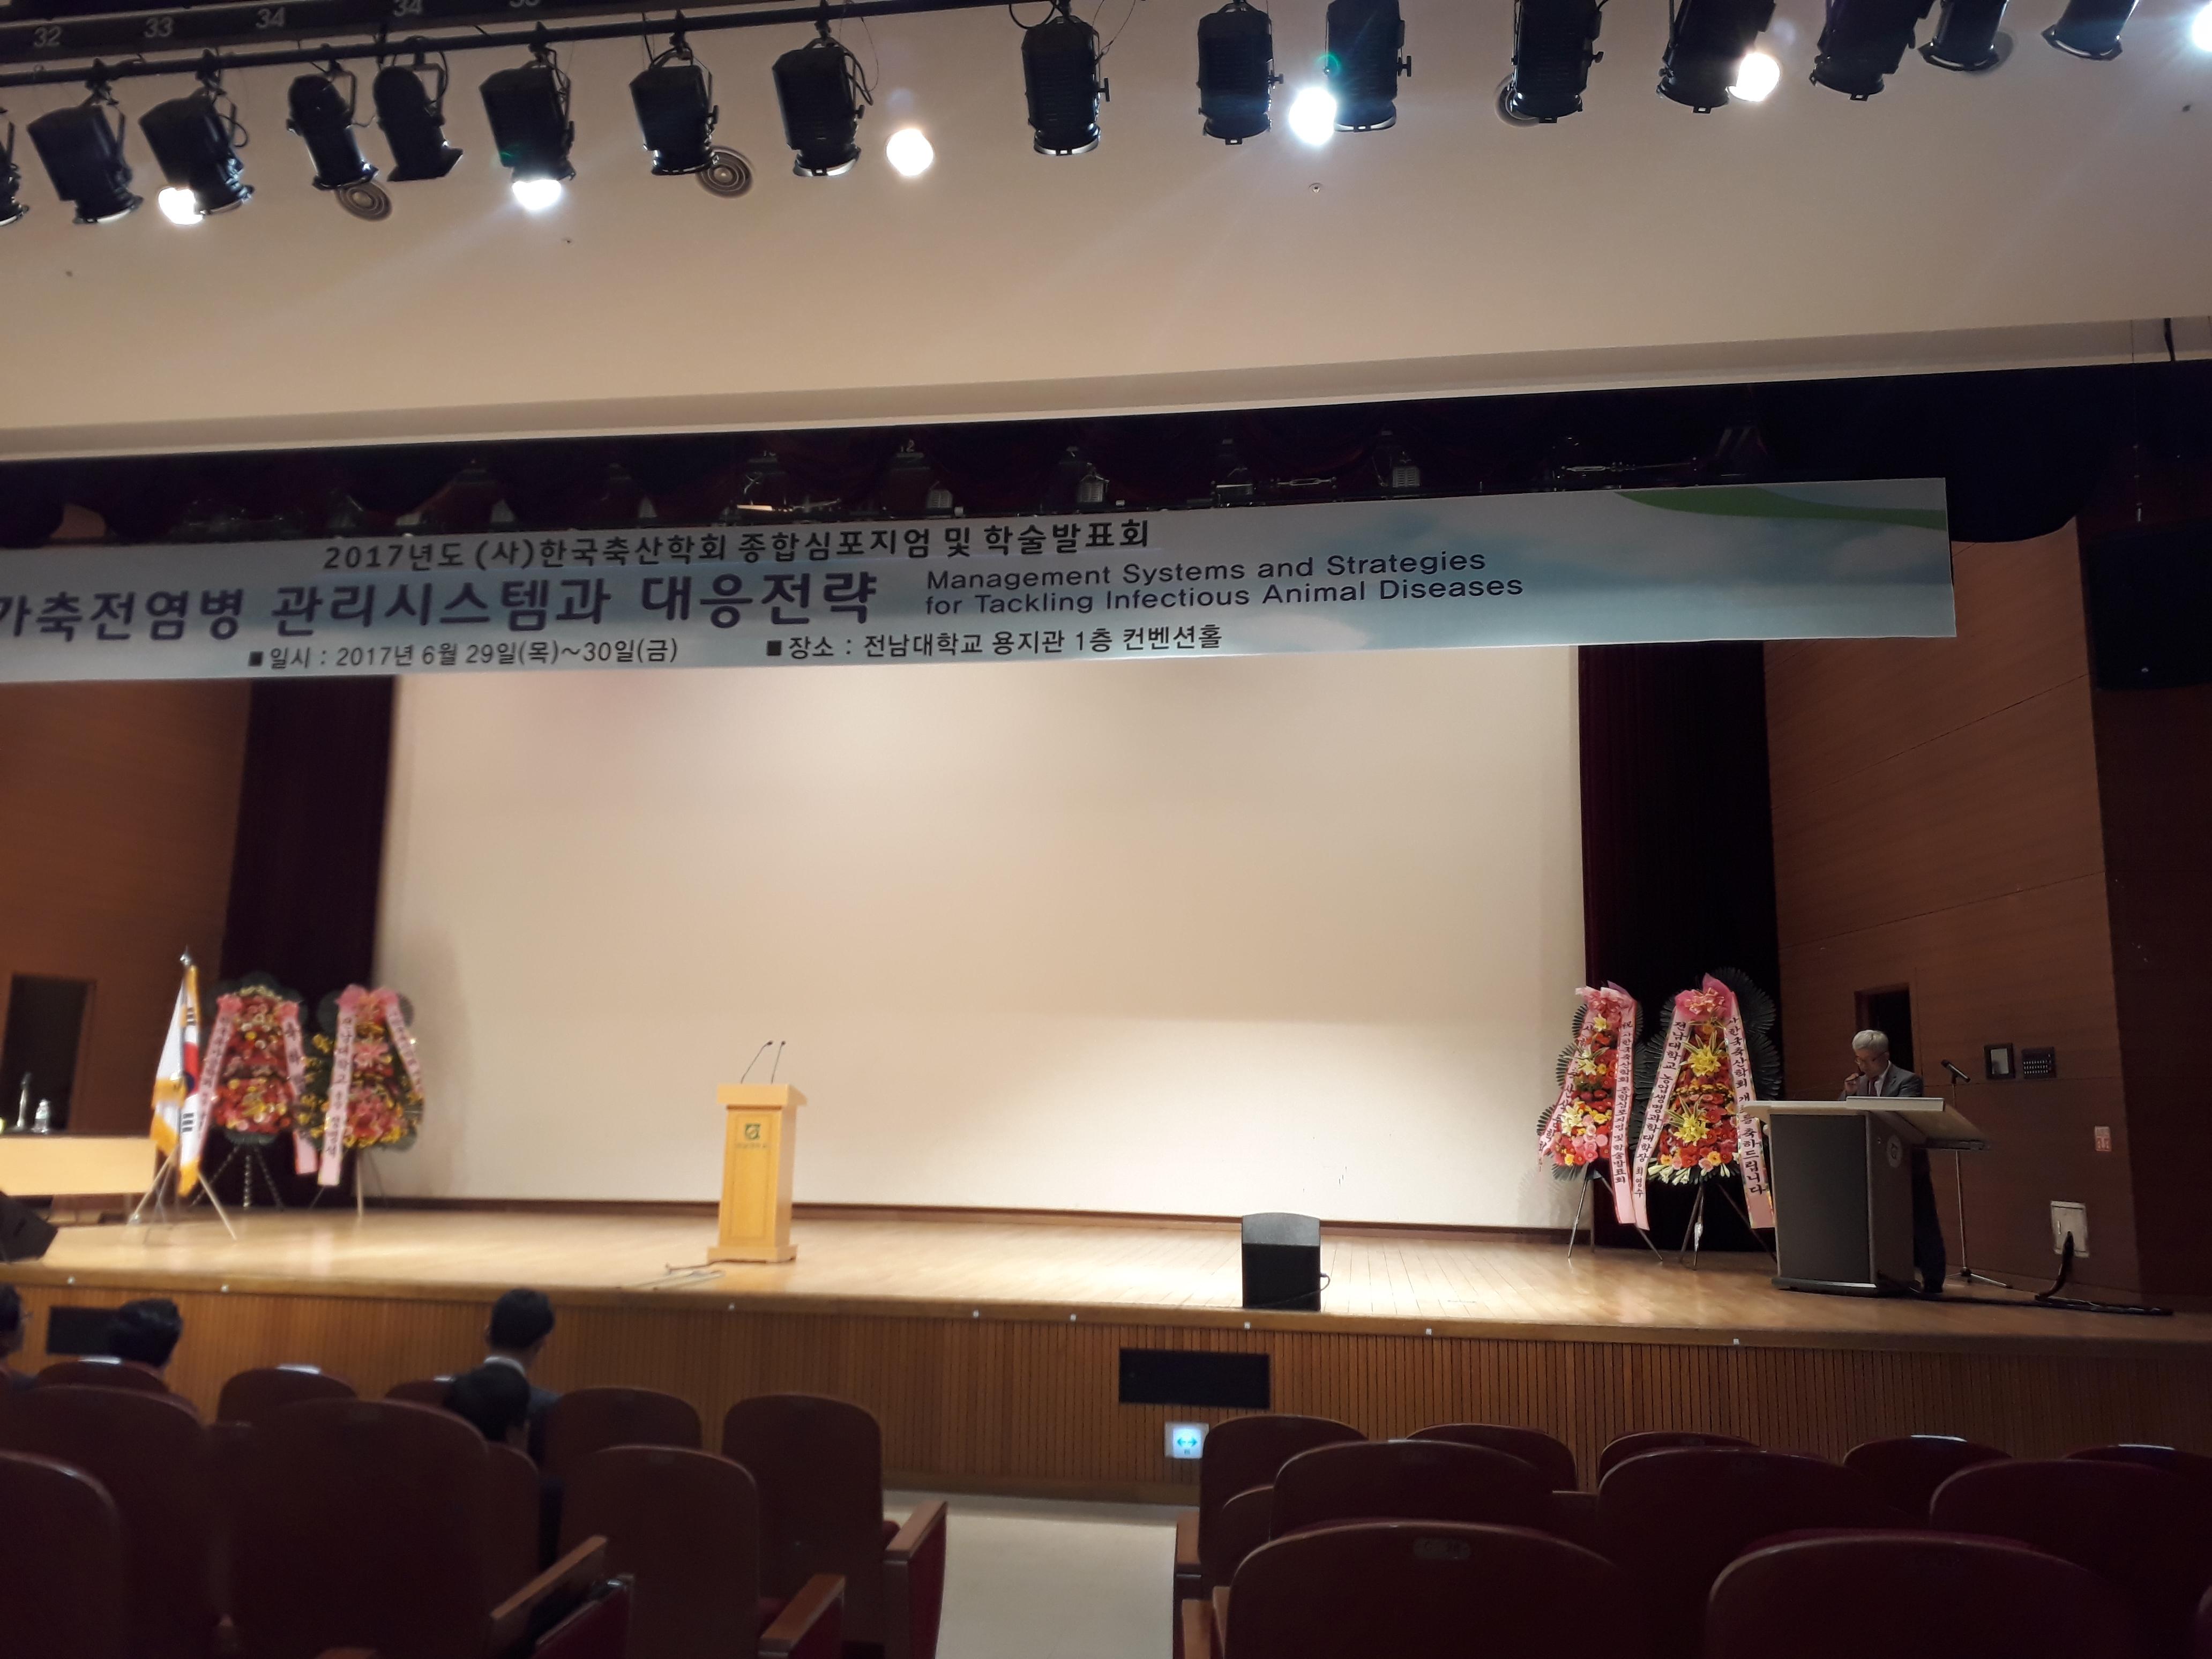 2017년 (사)한국축산학회종합심포지엄 및 학술발표회